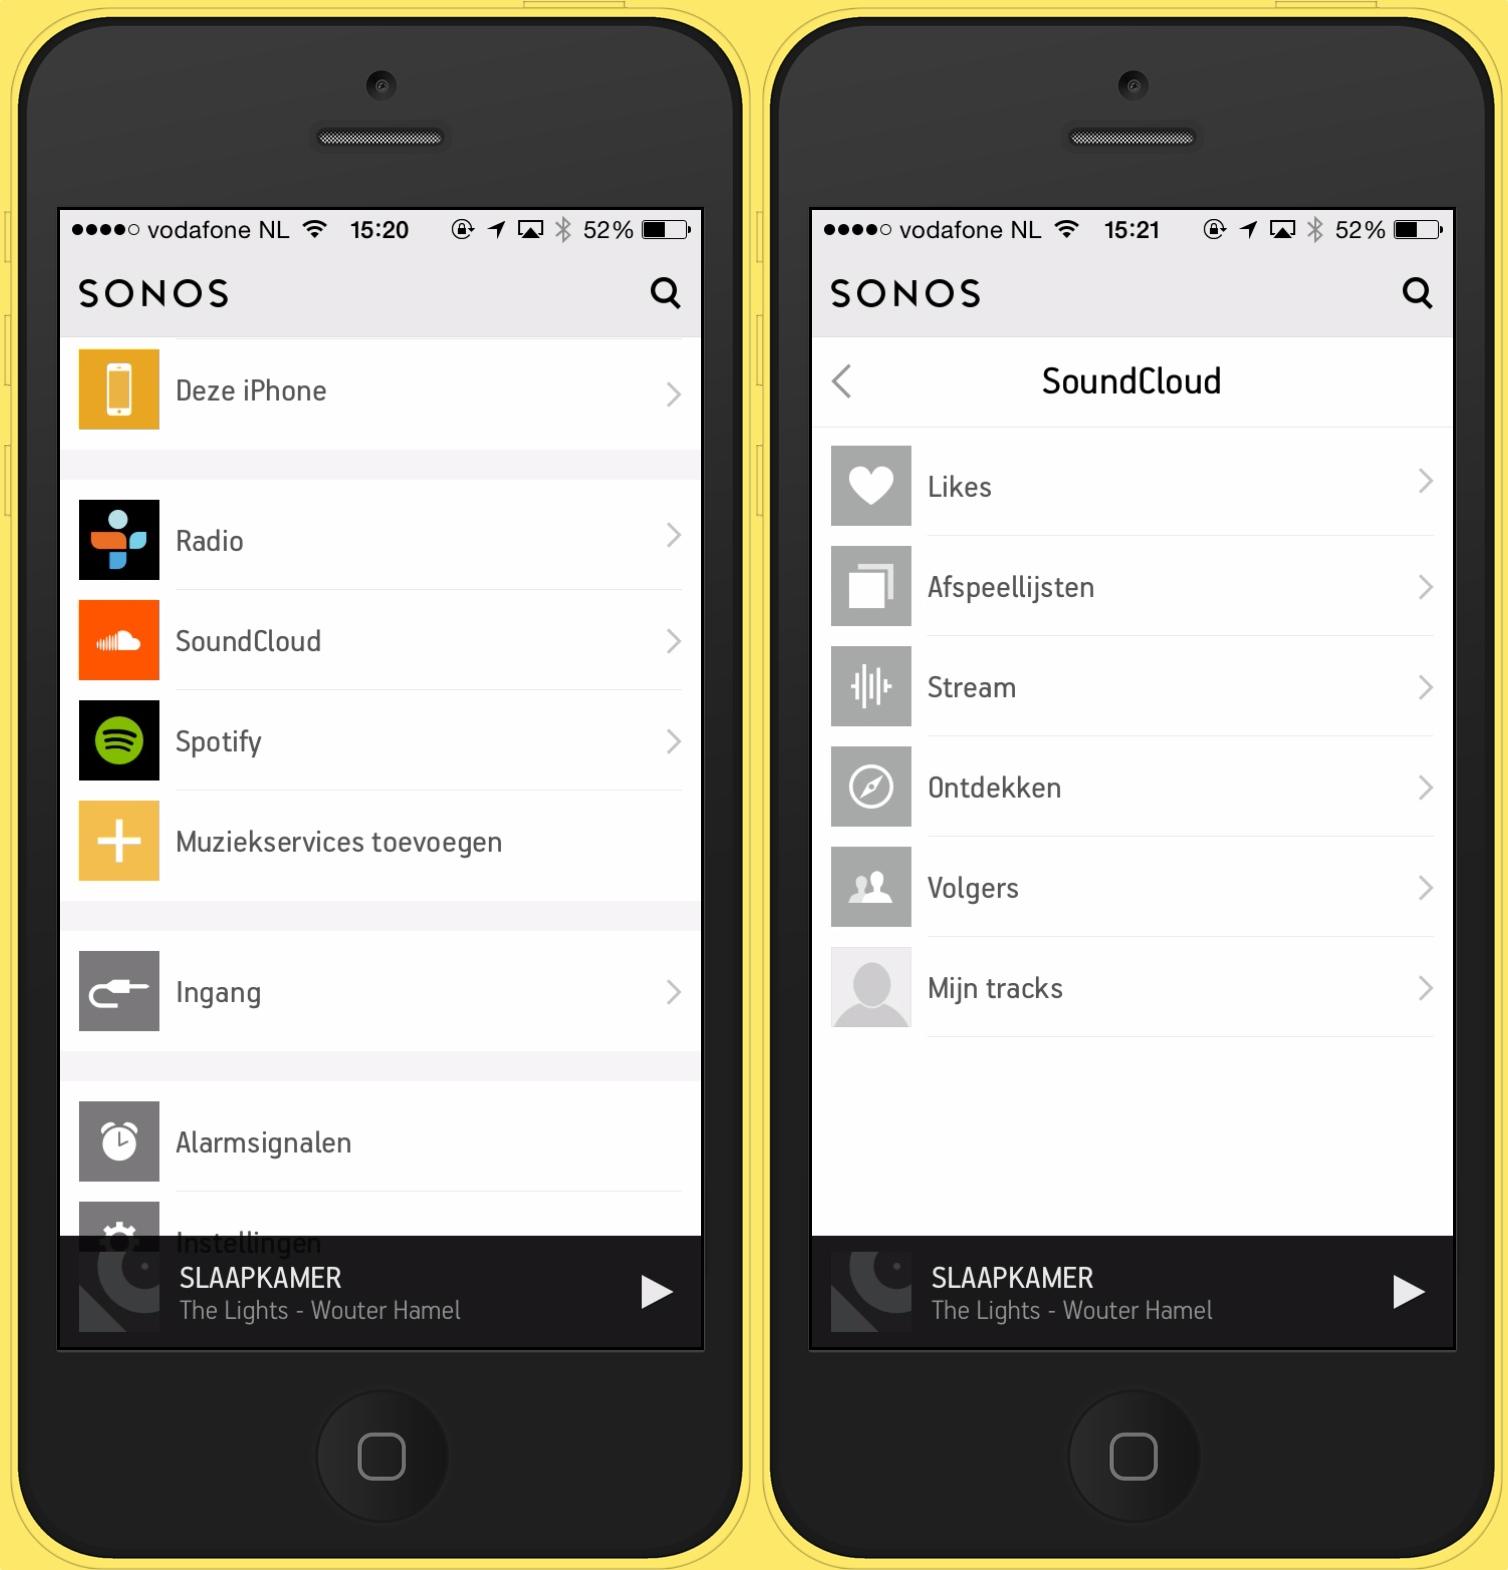 sonos-app-soundcloud